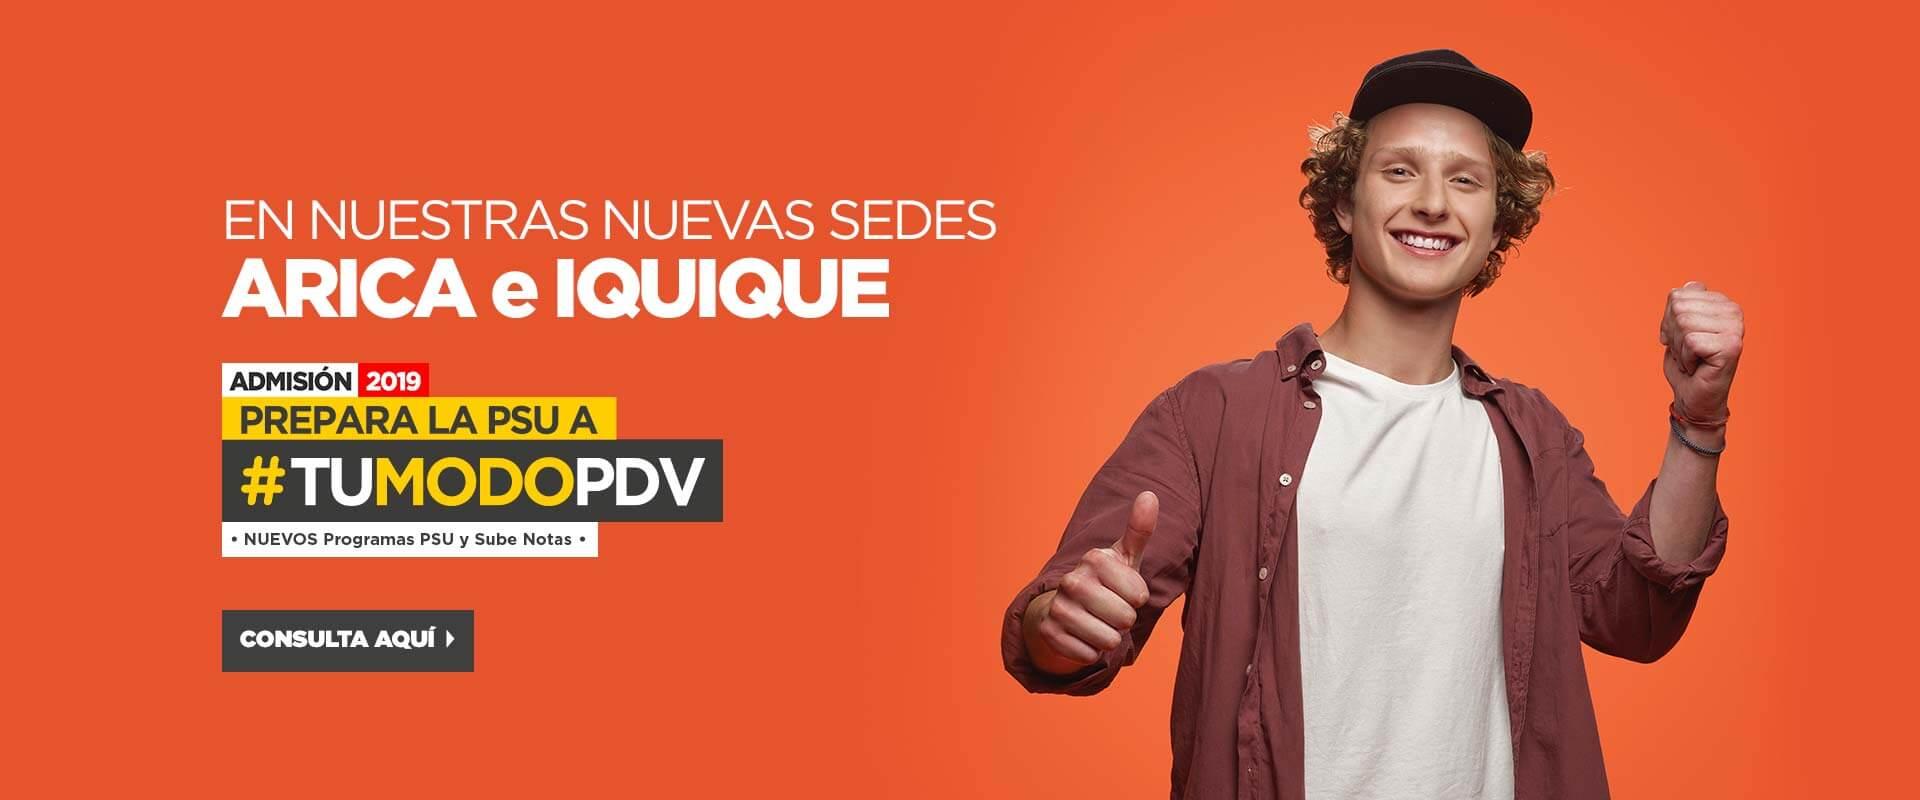 Nuevas Sedes - Preuniversitario Pedro de Valdivia